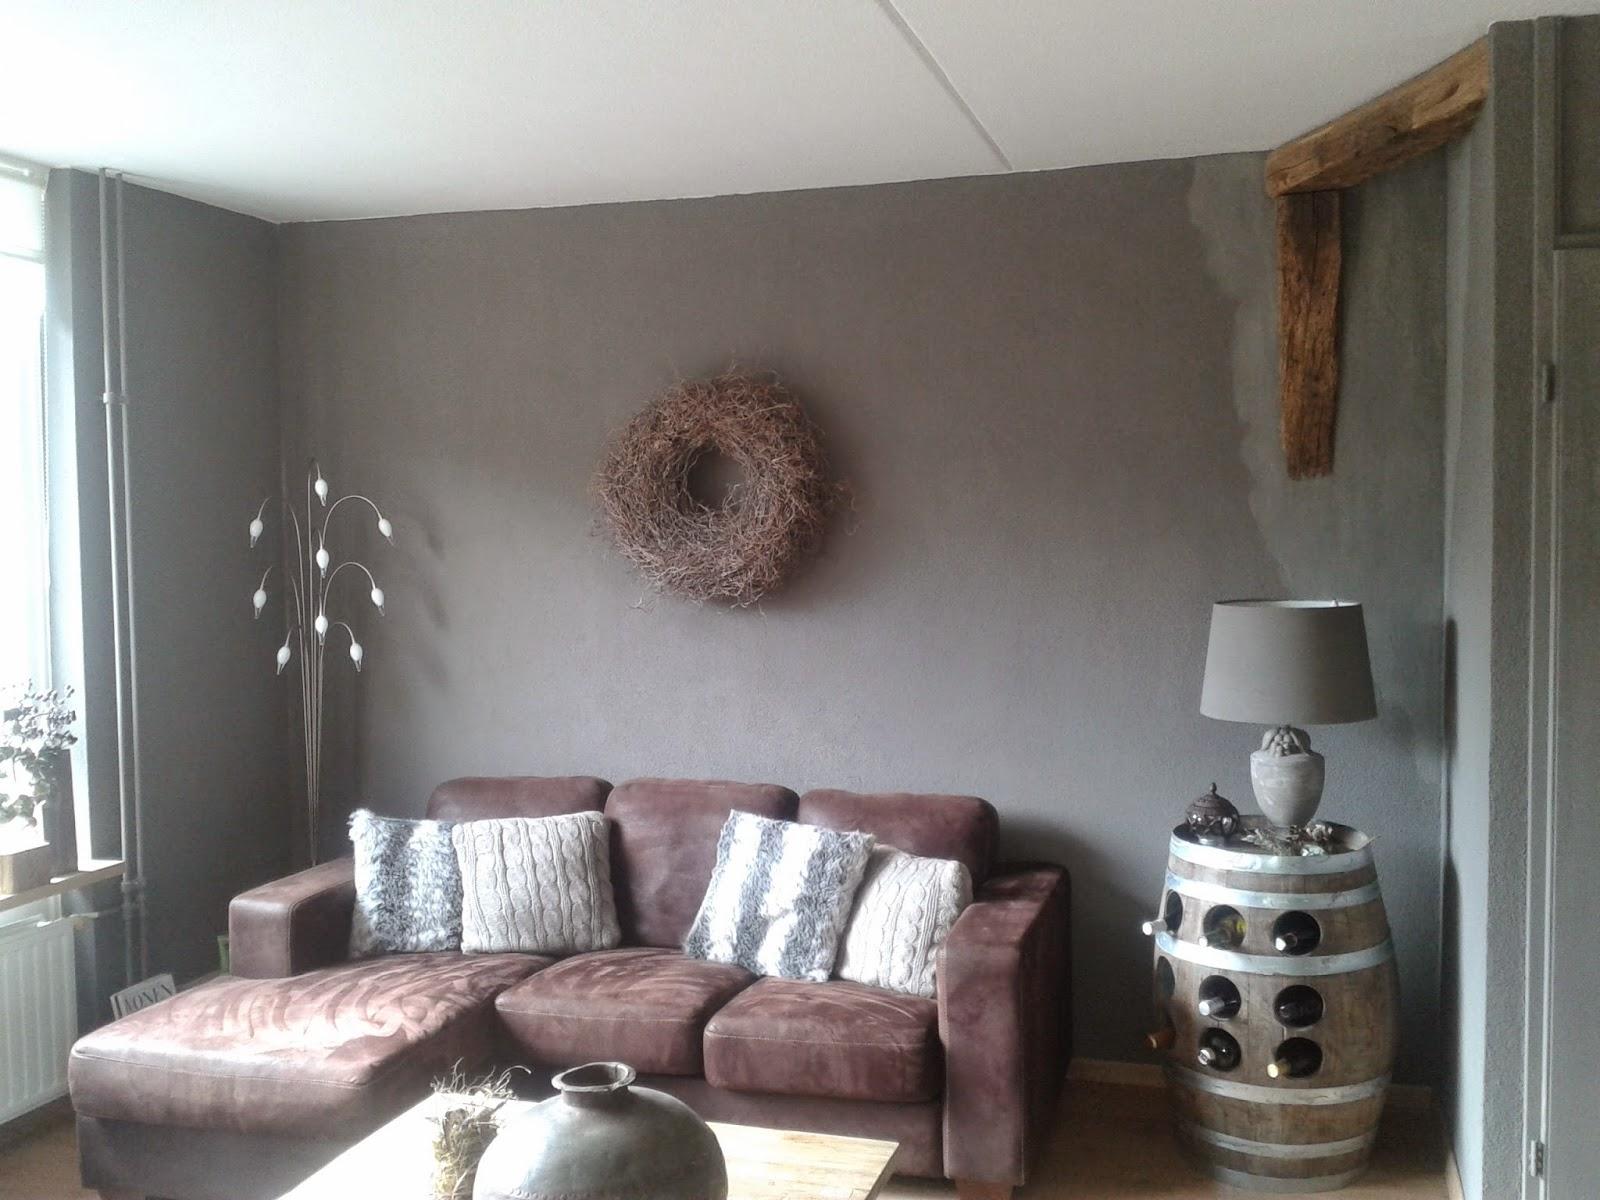 Extreem wonen in je eigen stijl: van granol muur naar krijtverf muur @ME93